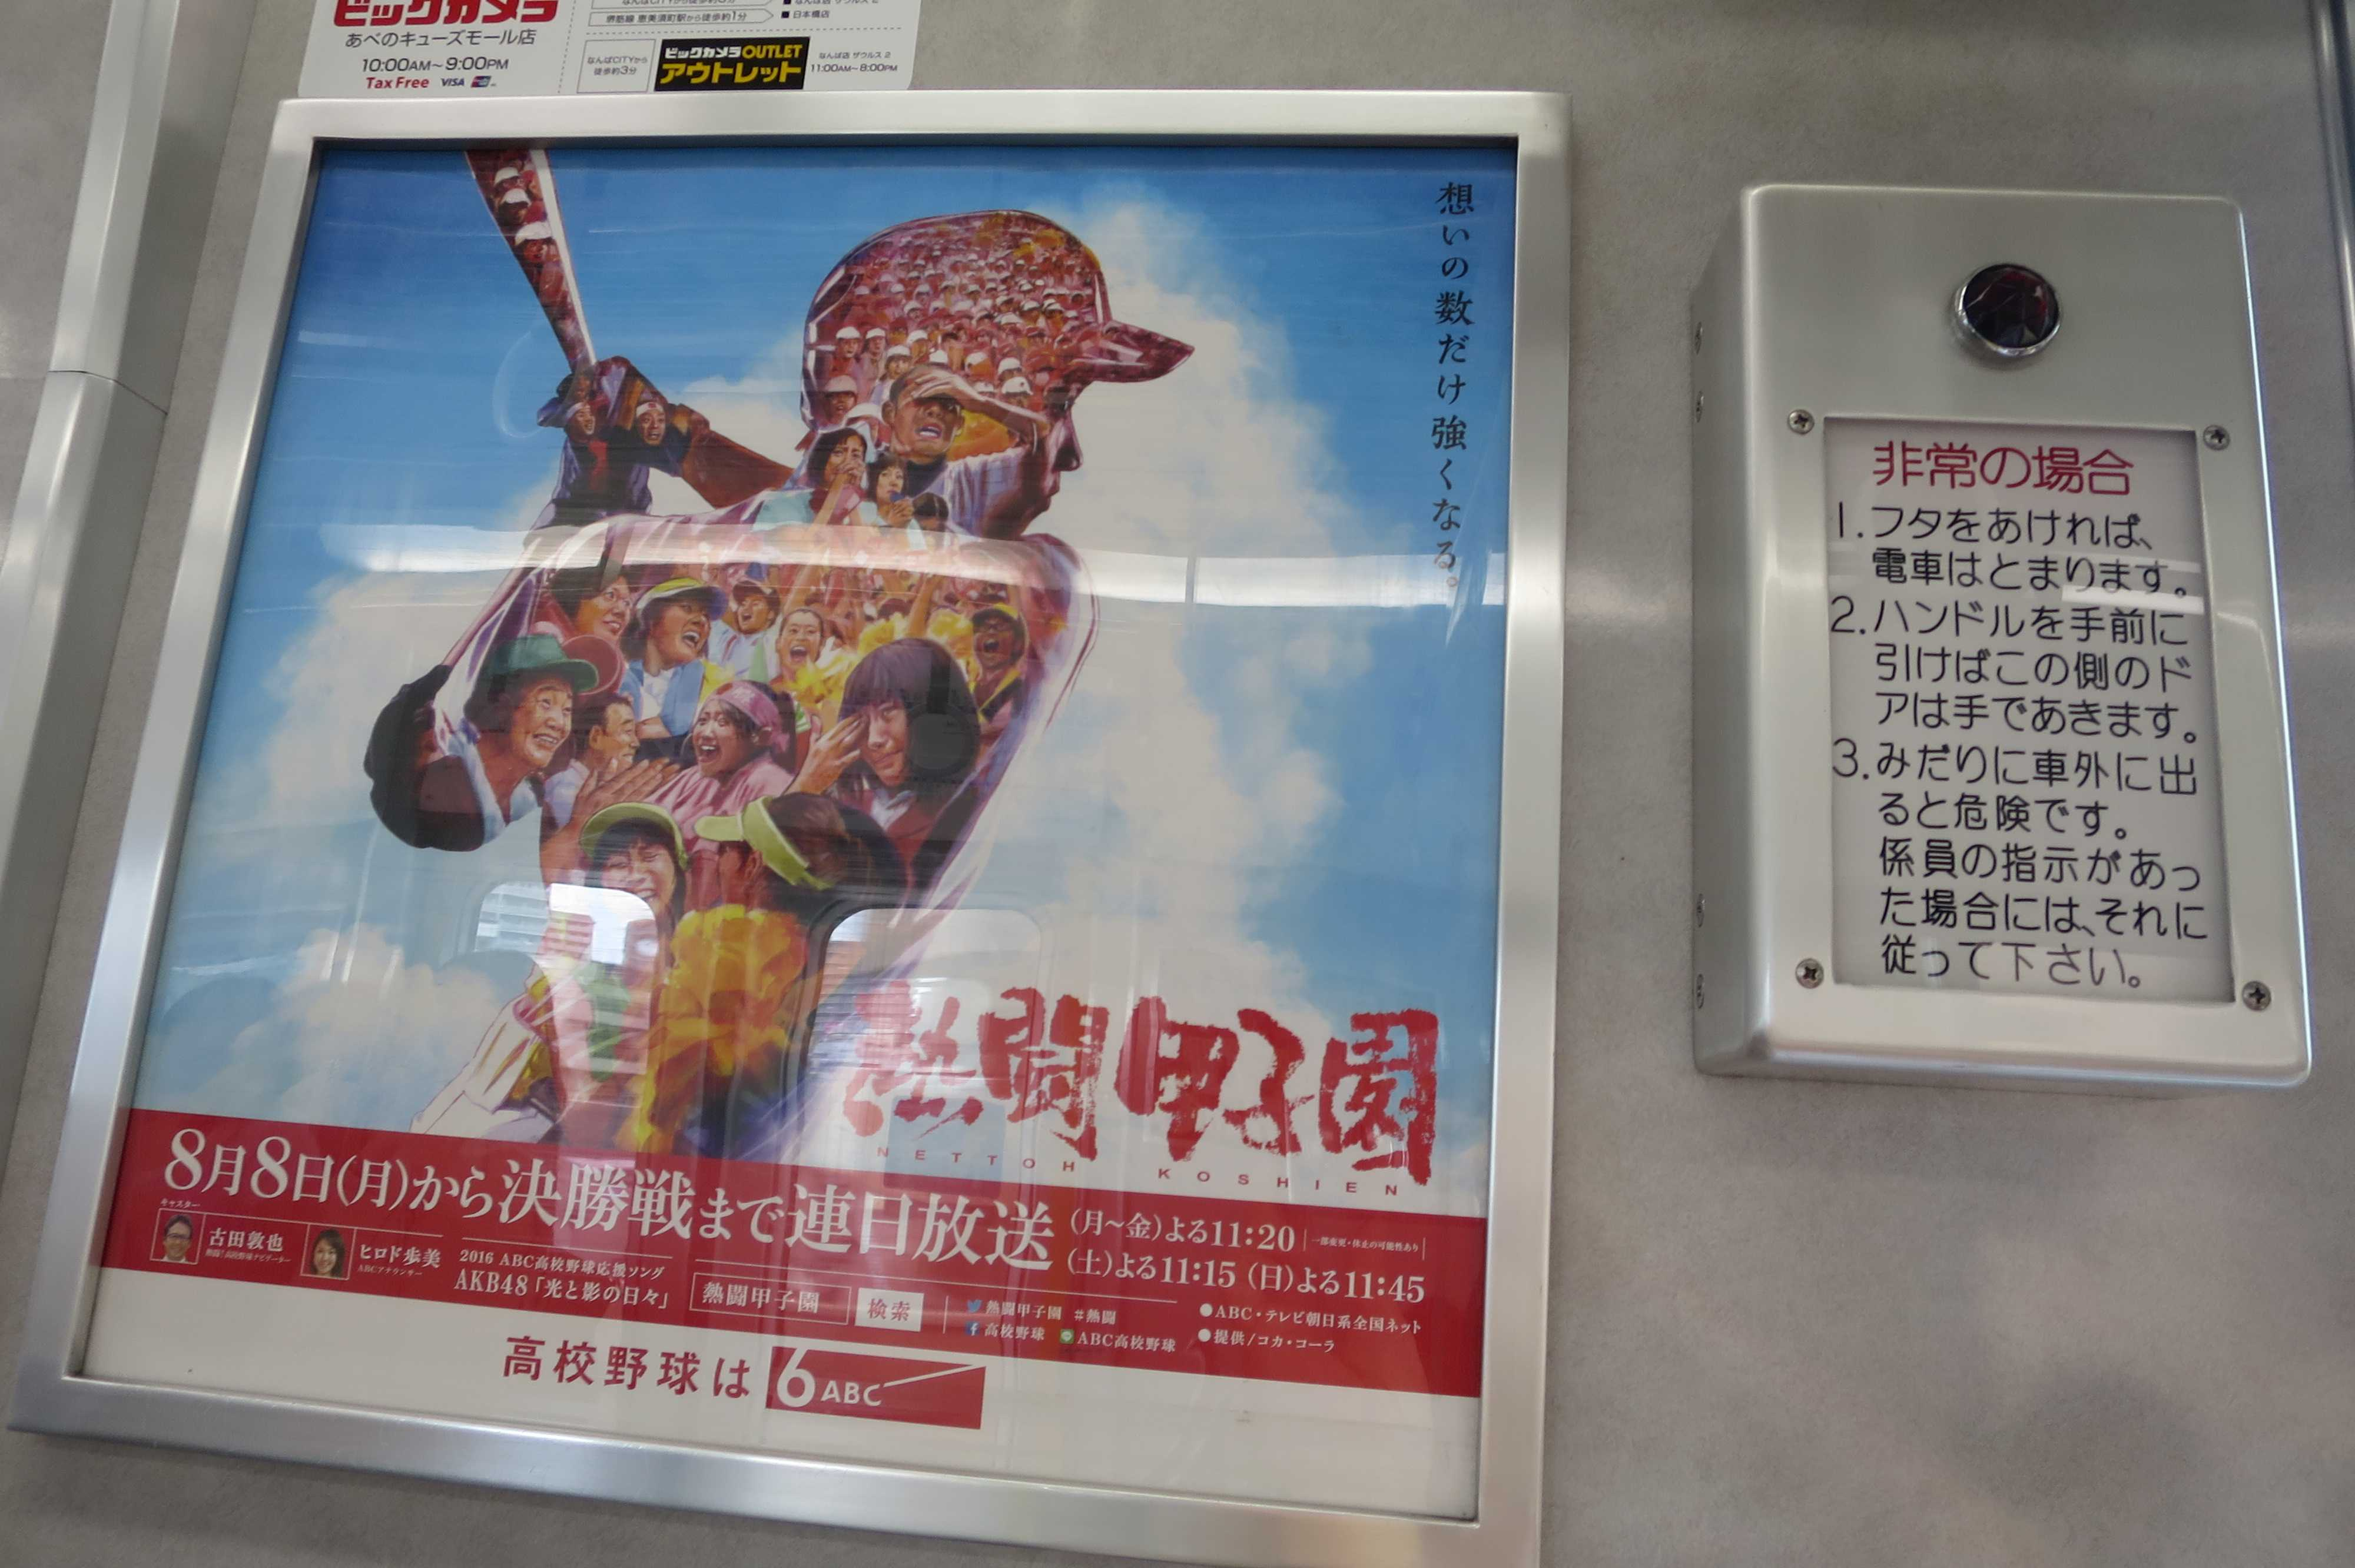 熱闘甲子園 8月8日(月)から決勝戦まで連日放送